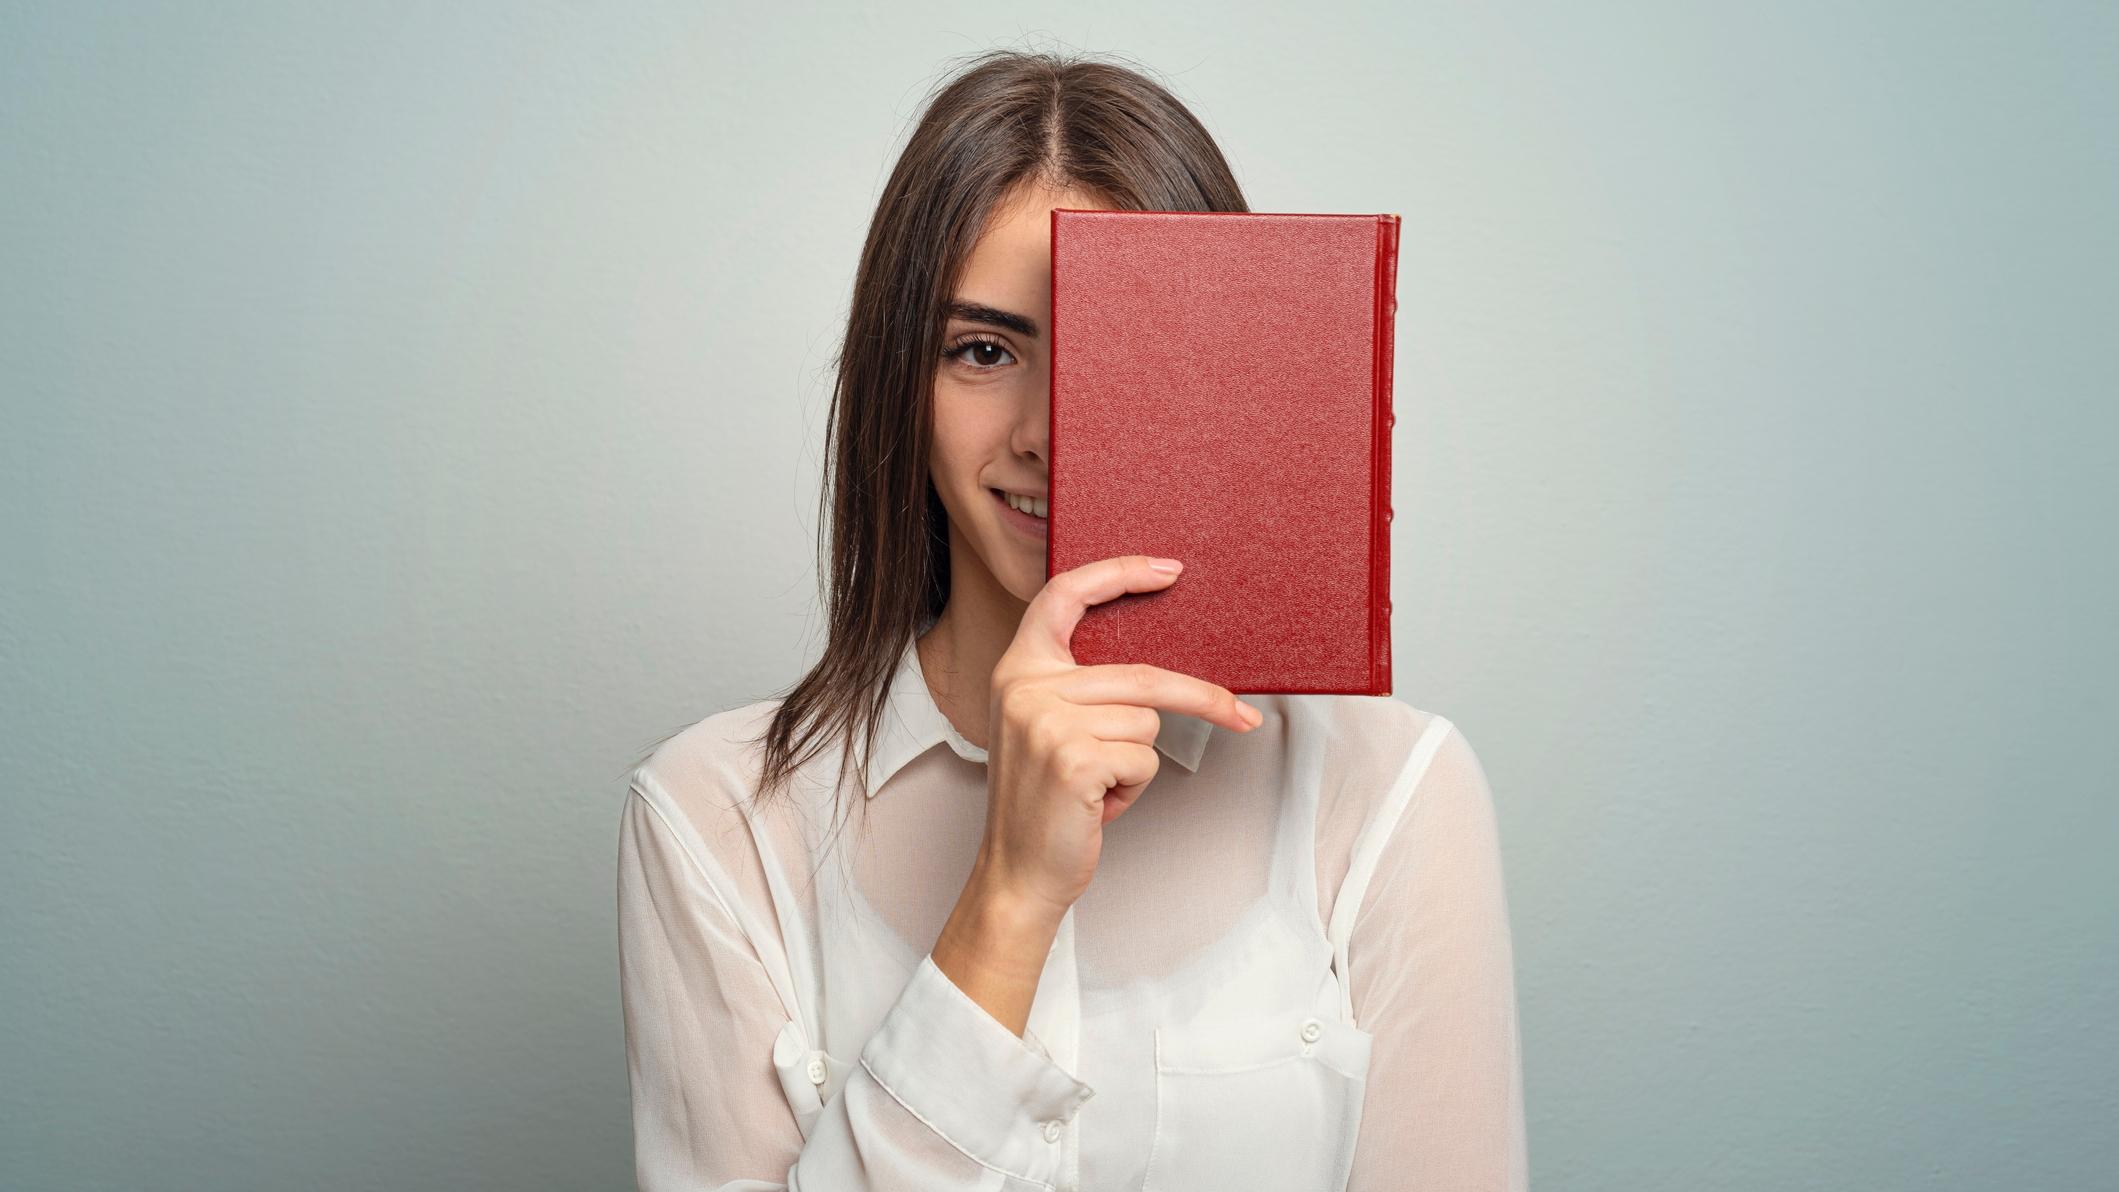 Olvasás, könyv